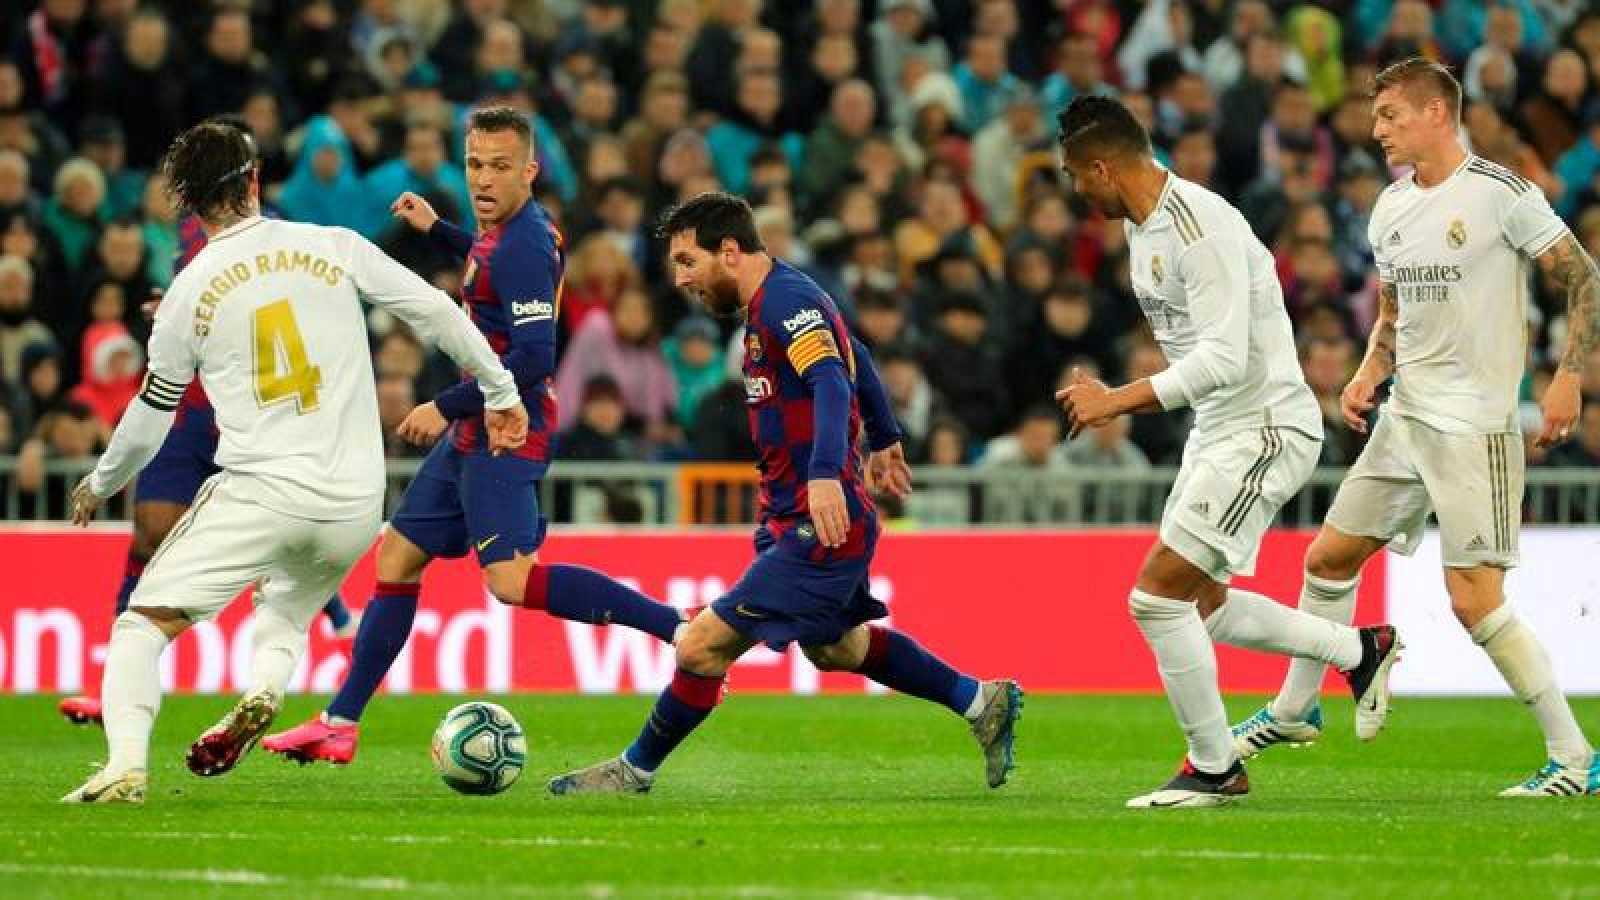 """Los futbolistas ven con """"preocupación"""" el regreso a la actividad."""